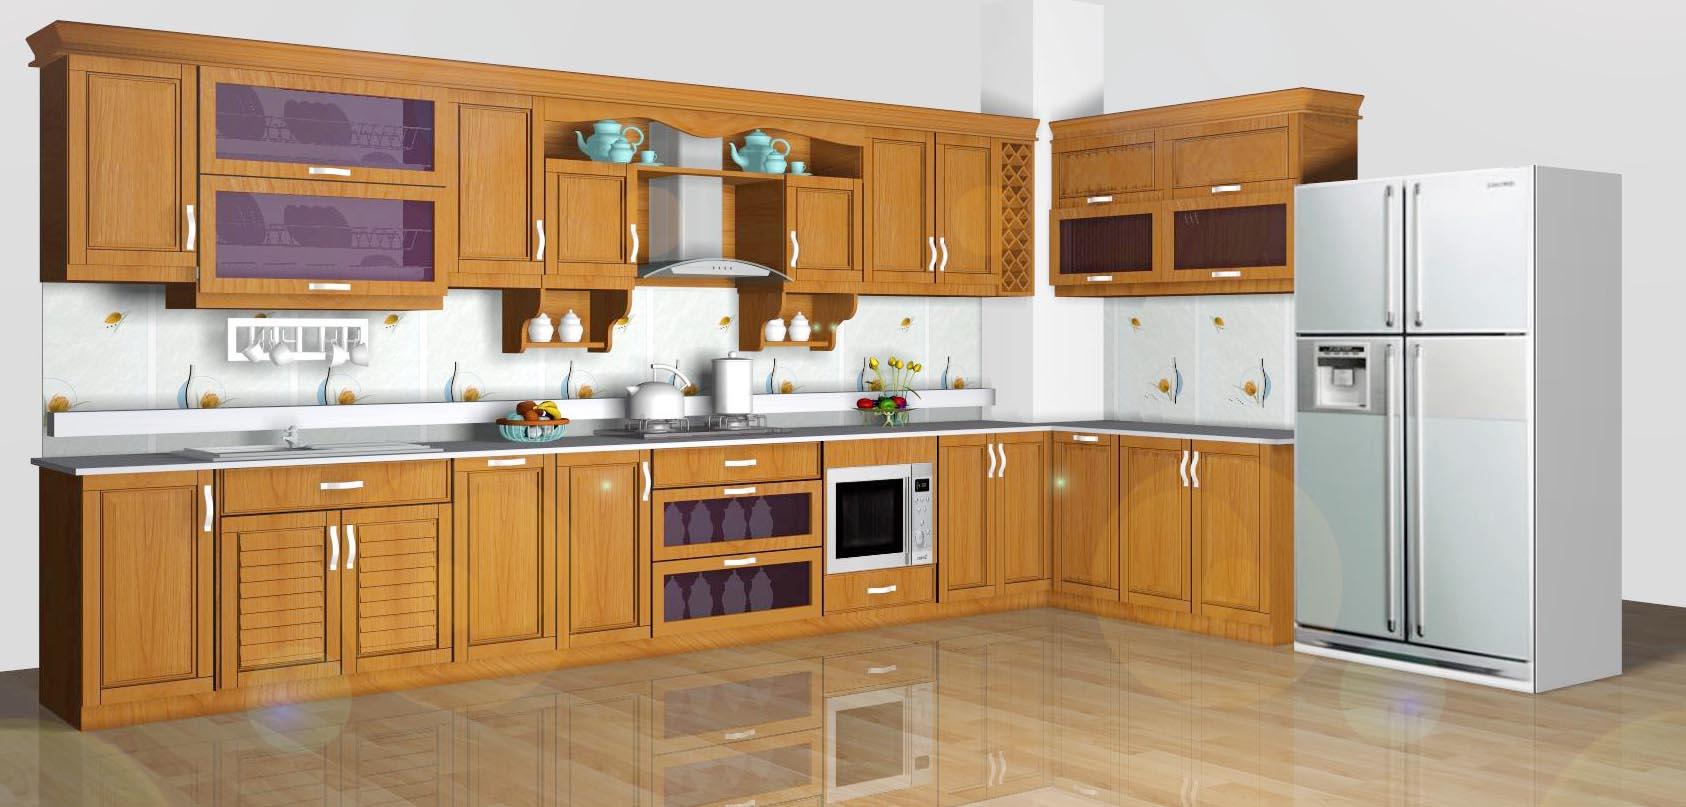 Tham khảo báo giá tủ bếp nhôm kính của công ty